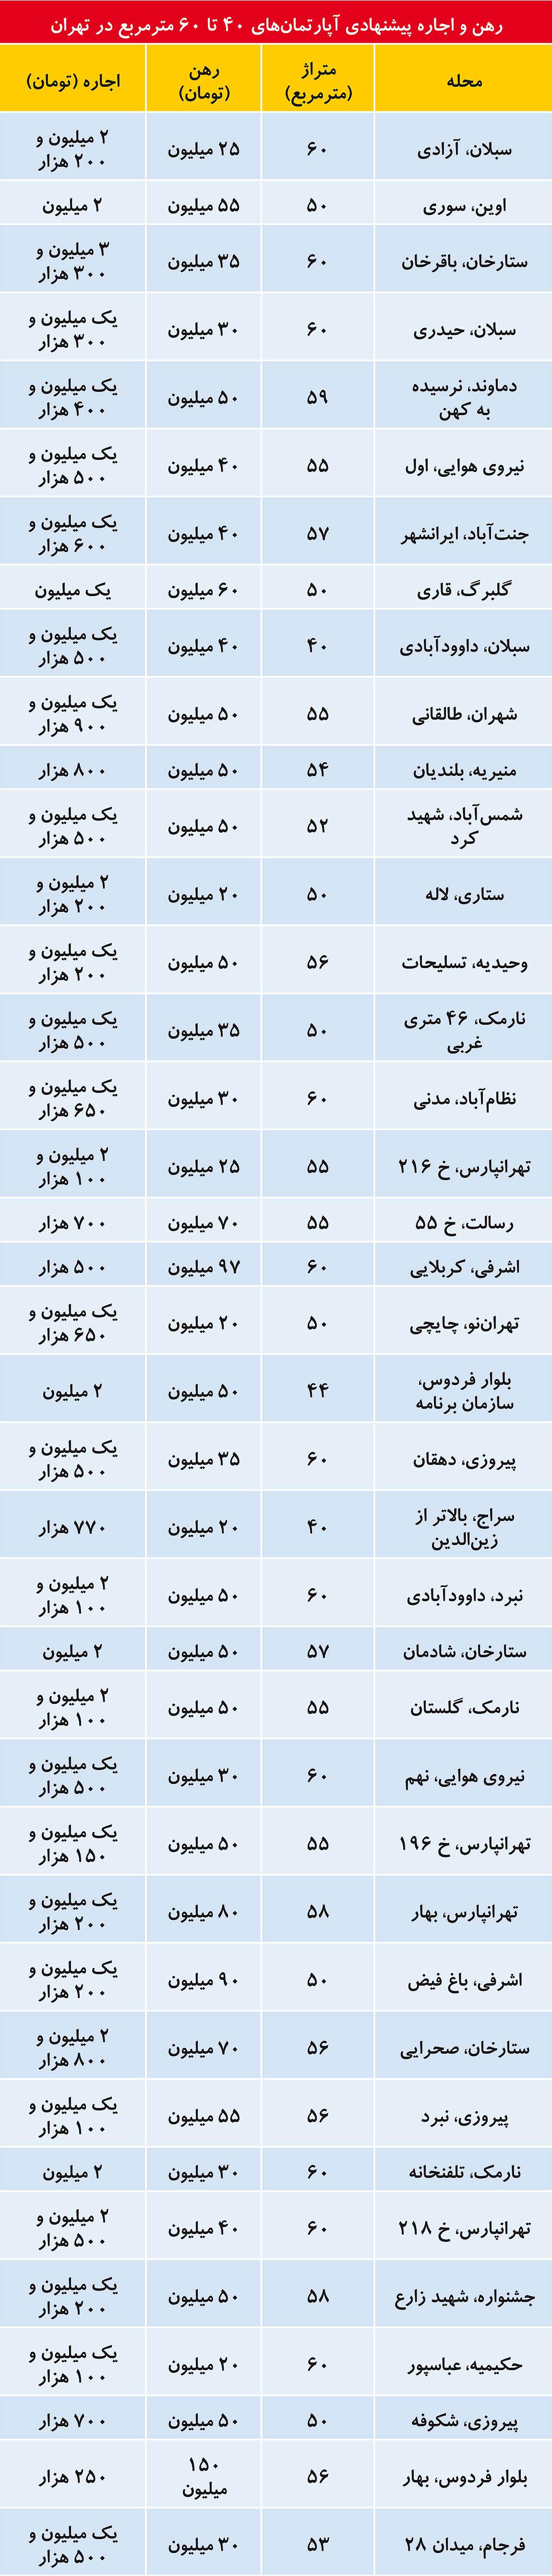 اتفاق جدید در بازار اجاره آپارتمانهای نقلی/ تأمین ارز واردات به رقم ۸/۳ میلیارد دلار رسید/ آخرین جزییات تاسیس بانک مشترک ایران و ترکیه/ آمریکا تحریم پتروشیمی ایران را به تعویق انداخت